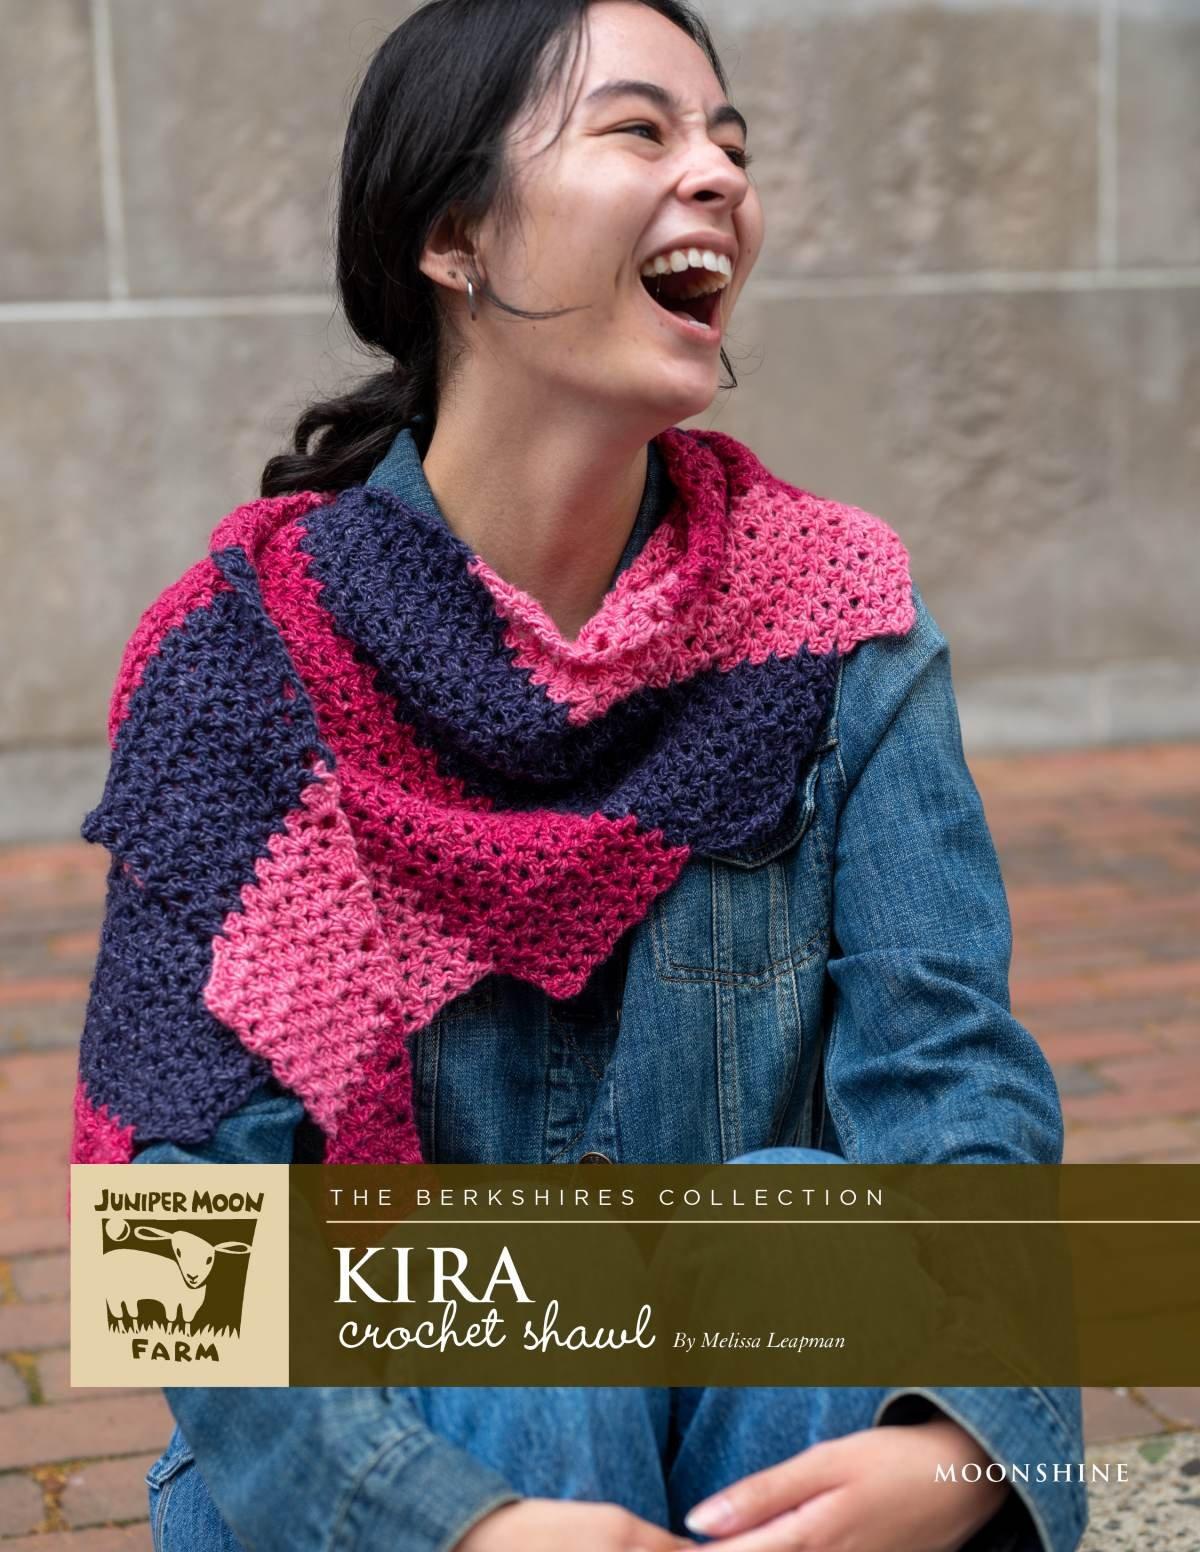 Kira crochet shawl pattern